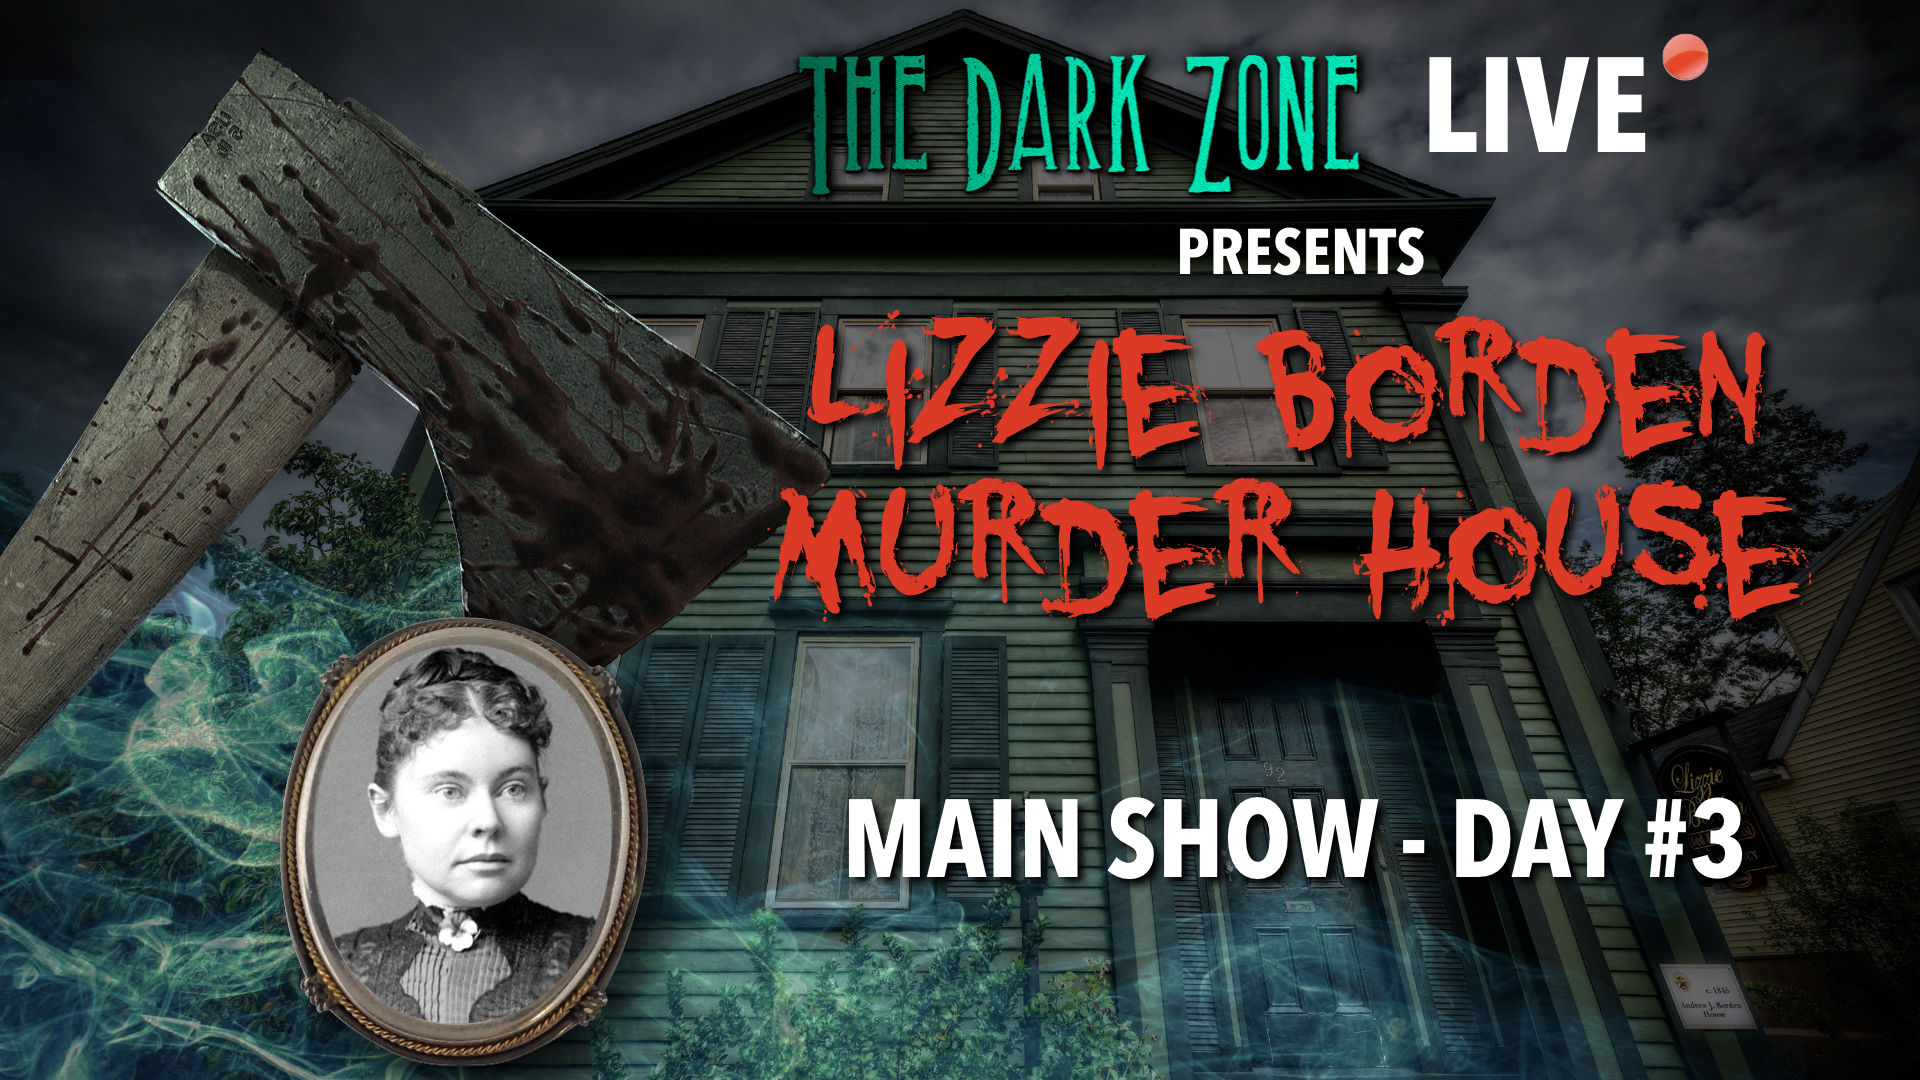 Lizzie Borden Murder House - Main Show - DAY 3